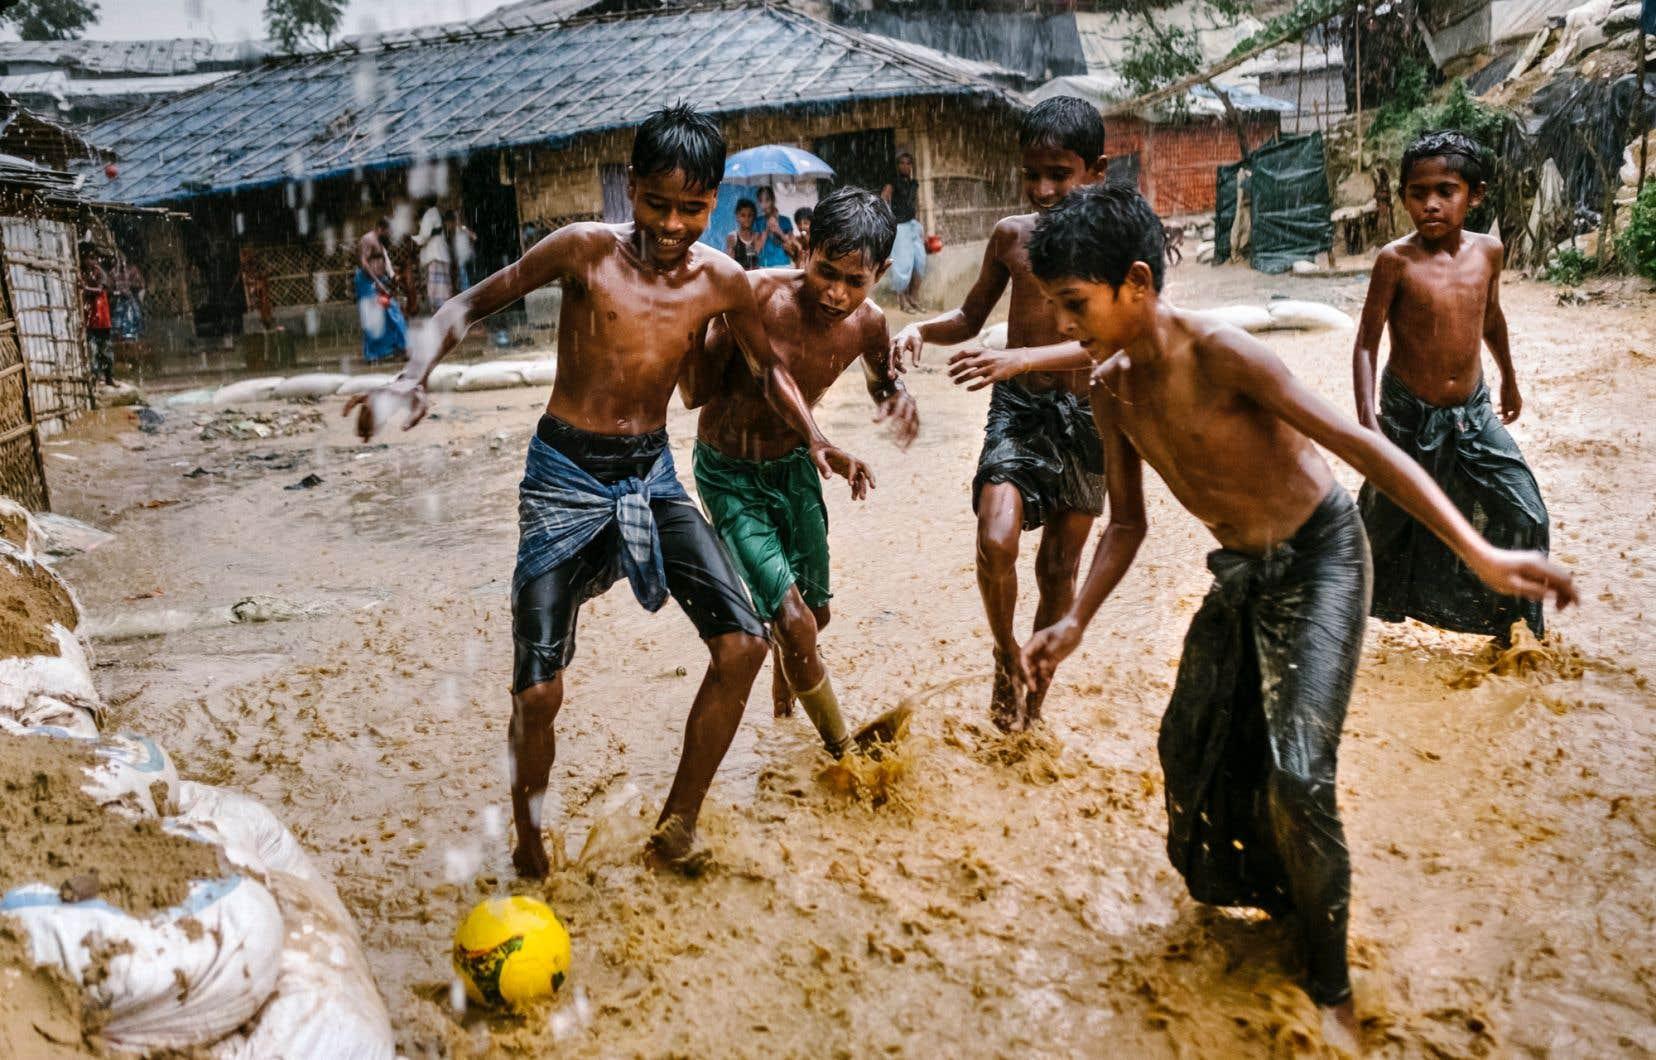 Des enfants jouent, l'adversité ne venant pas à bout de leurs rires mêlés…